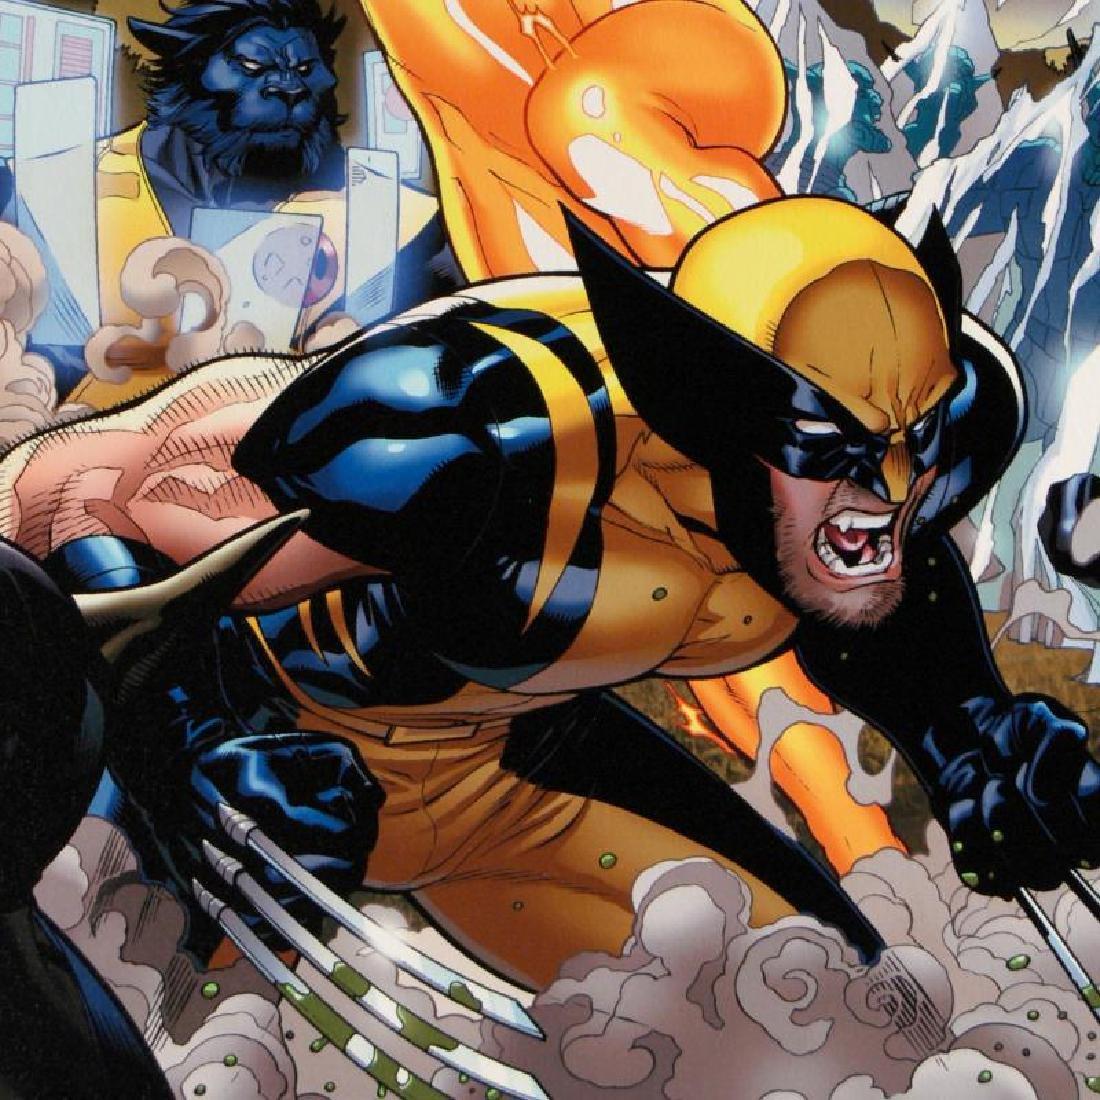 Secret Invasion: X-Men #4 by Marvel Comics - 2